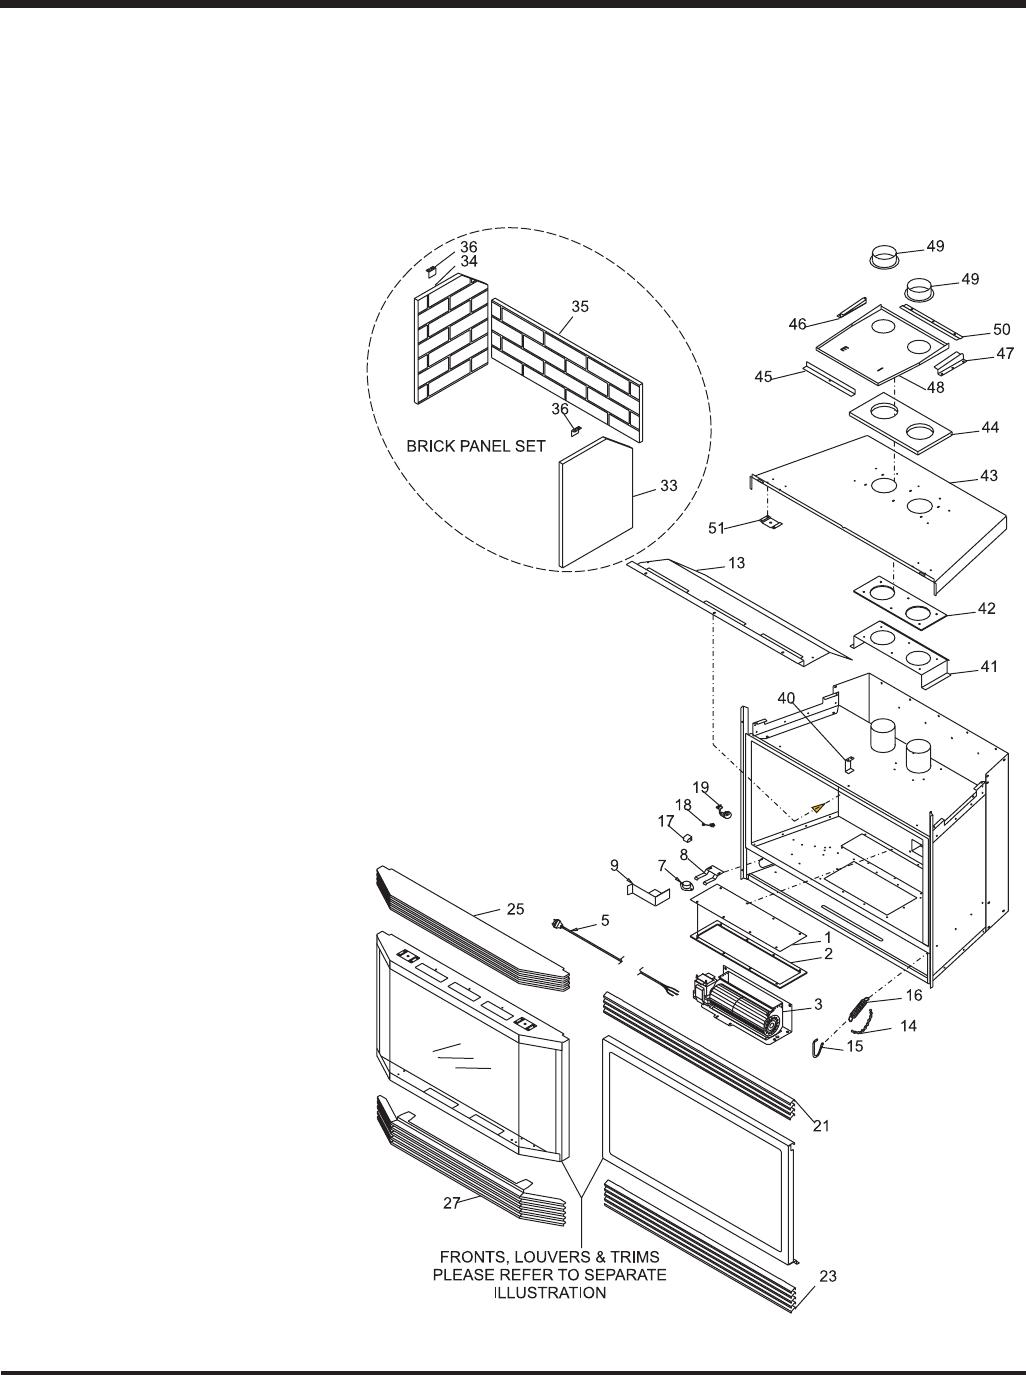 Regency u35 lp1 u35 ng1 ktm 300 wiring diagram service wire diagram bg1a regency u35 lp1